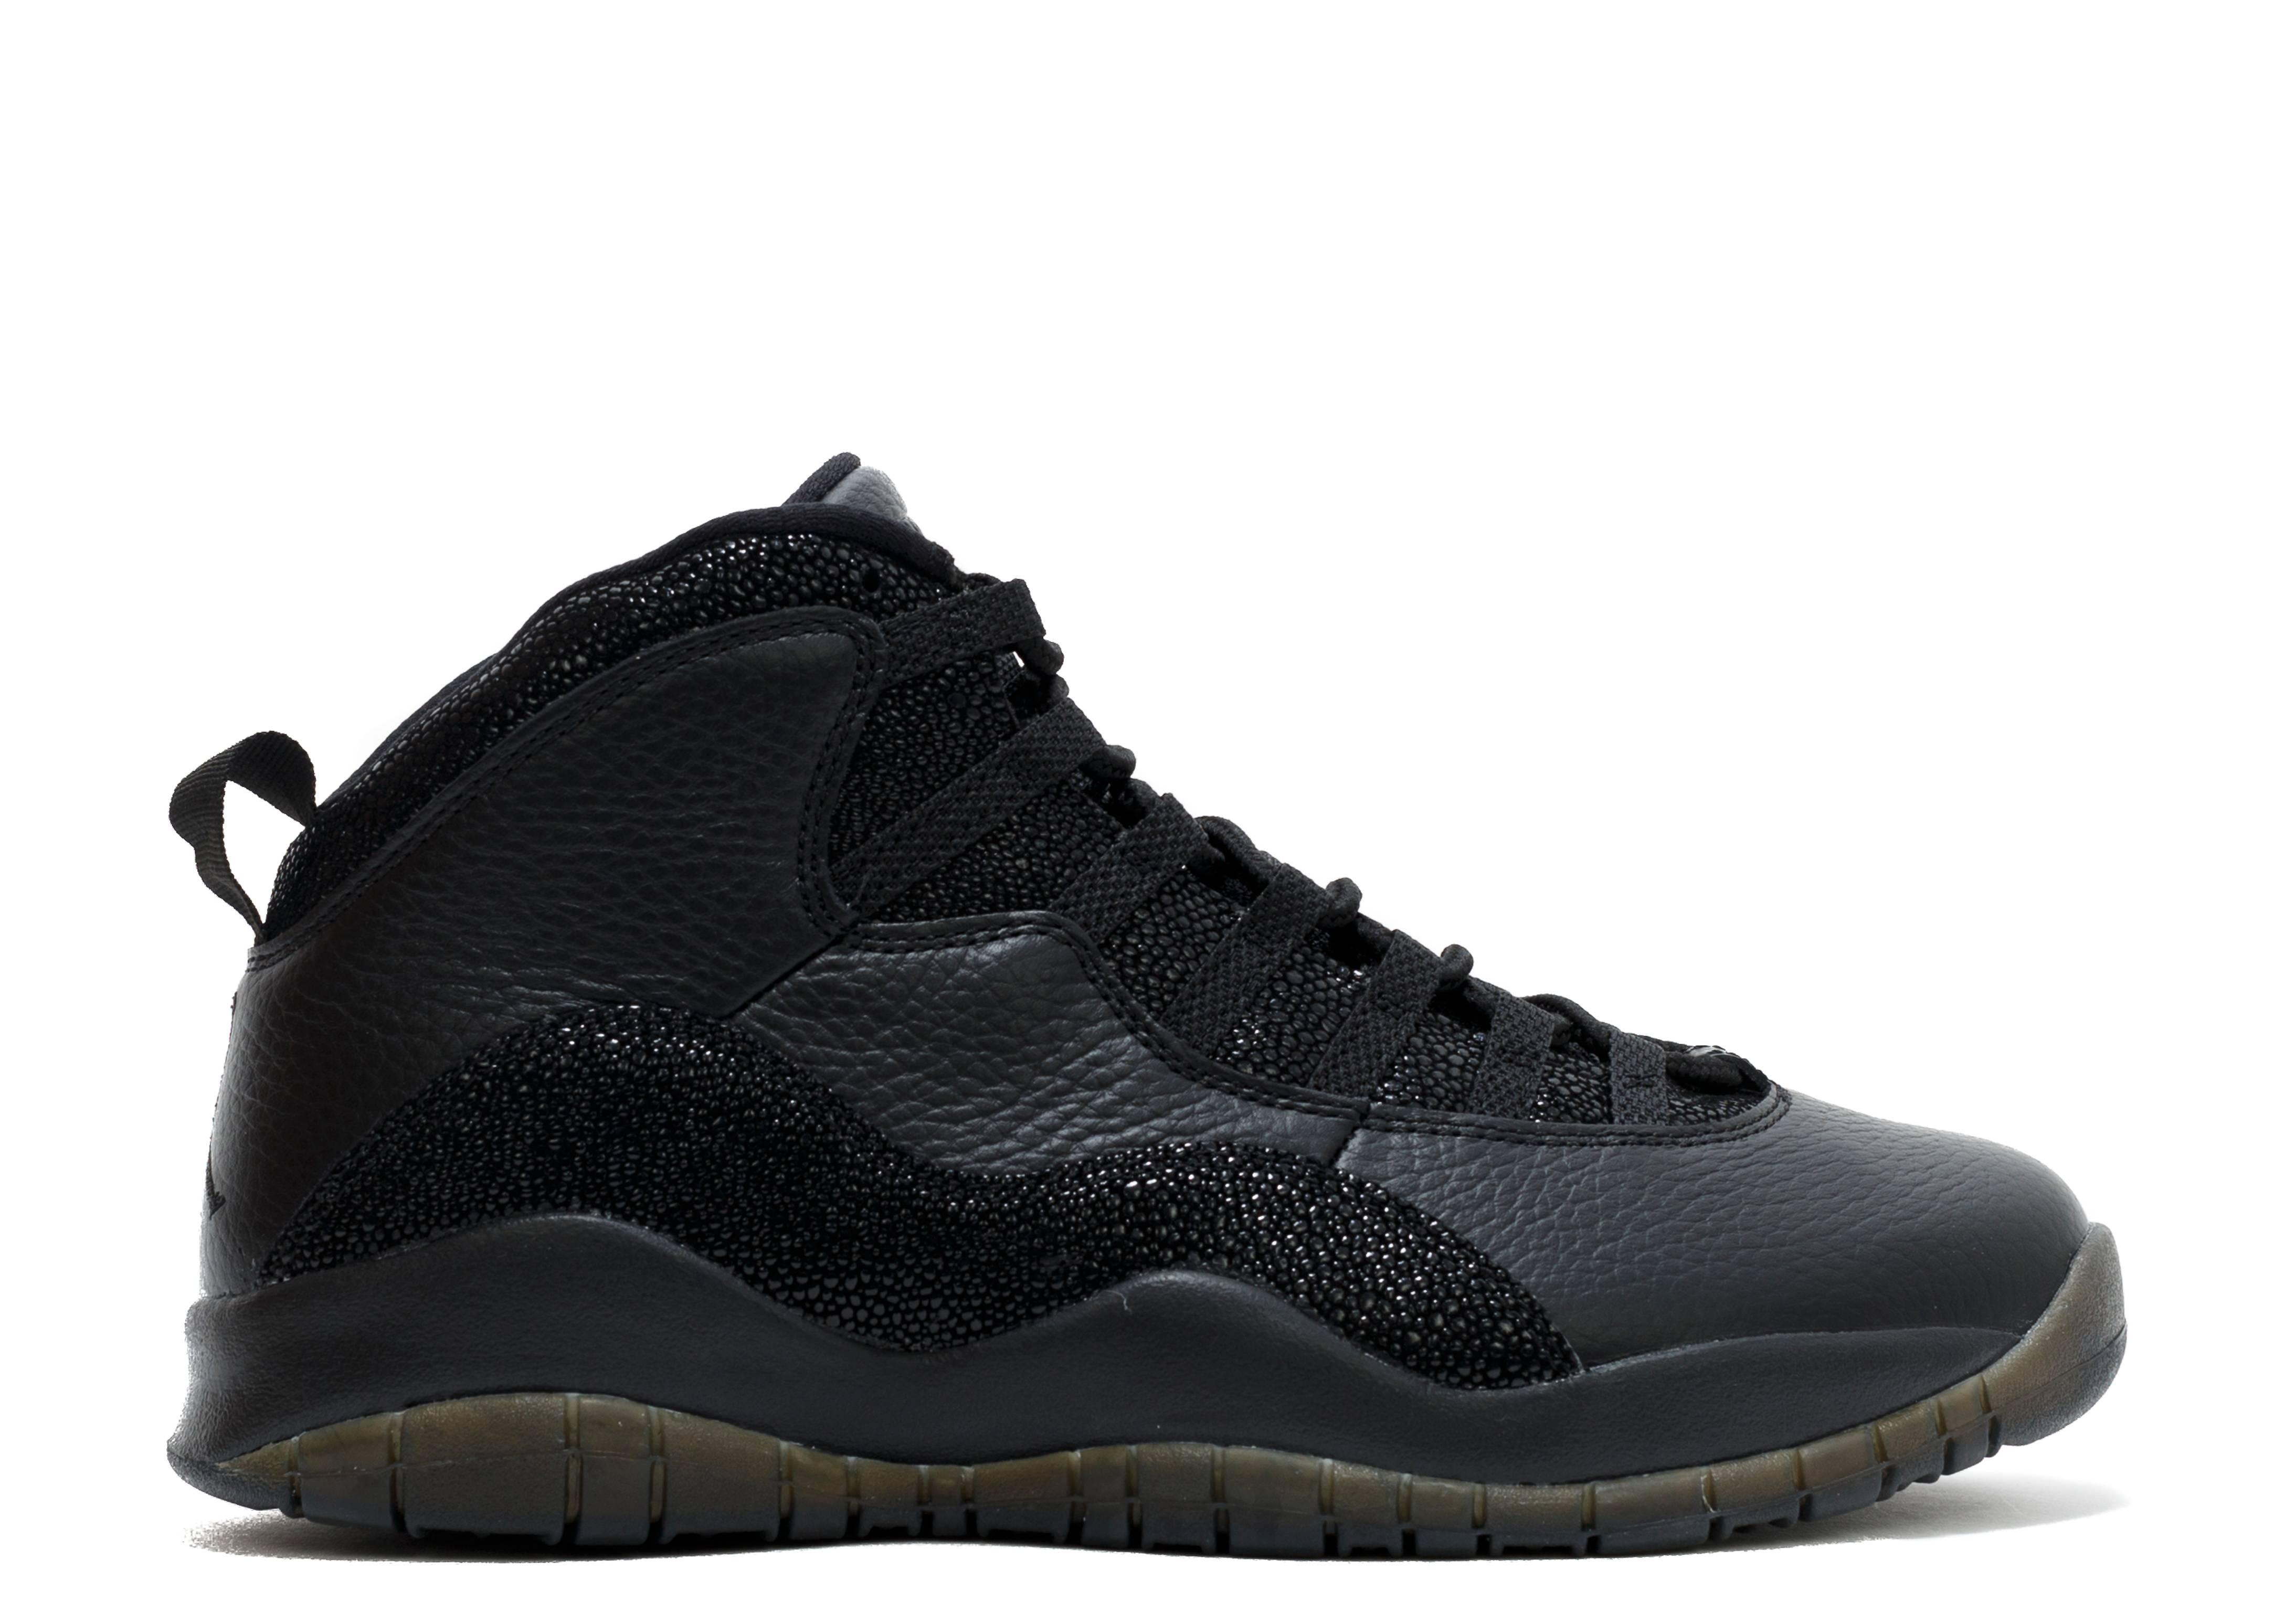 Air Jordan 10 Sneakers   Flight Club